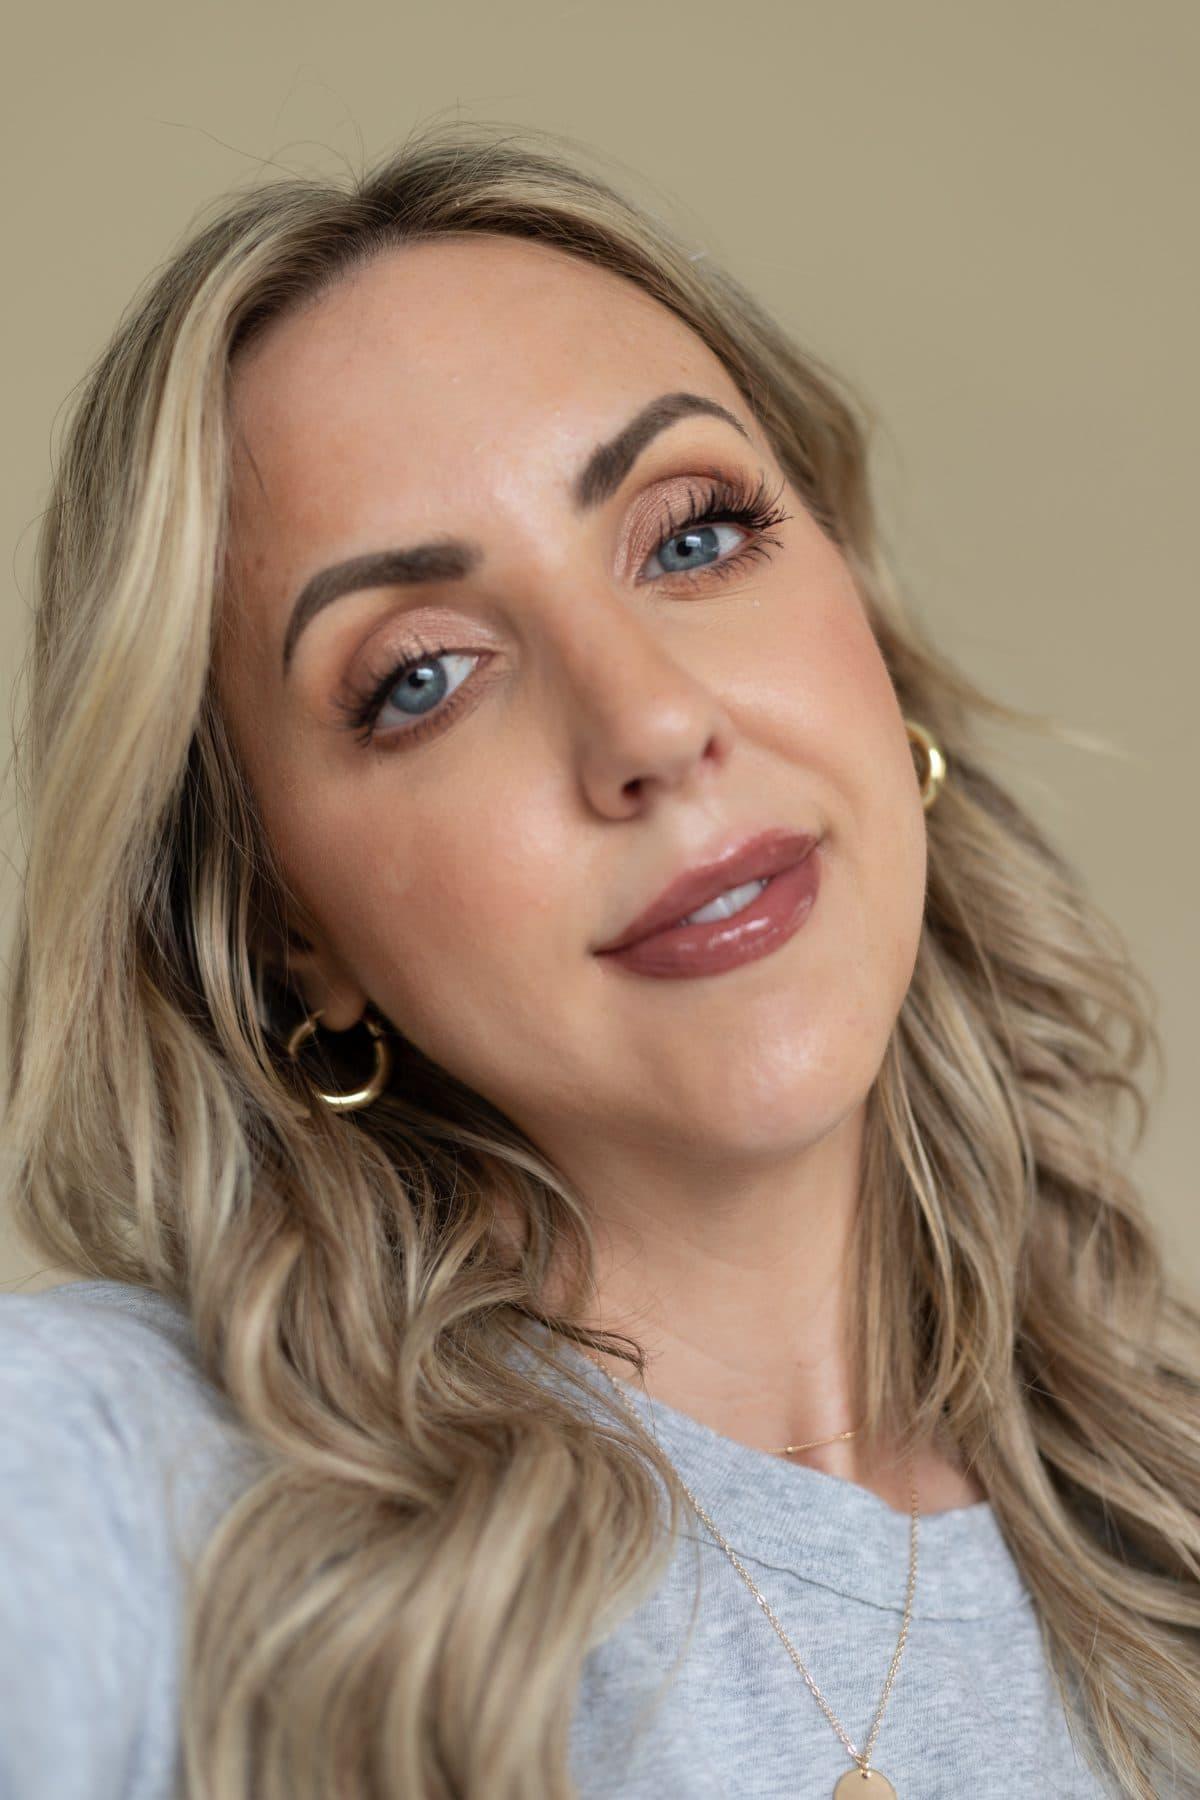 Houston beauty influencer Meg O. shares the best drugstore lipsticks for fall - NYX Butter Gloss in Ginger Snap